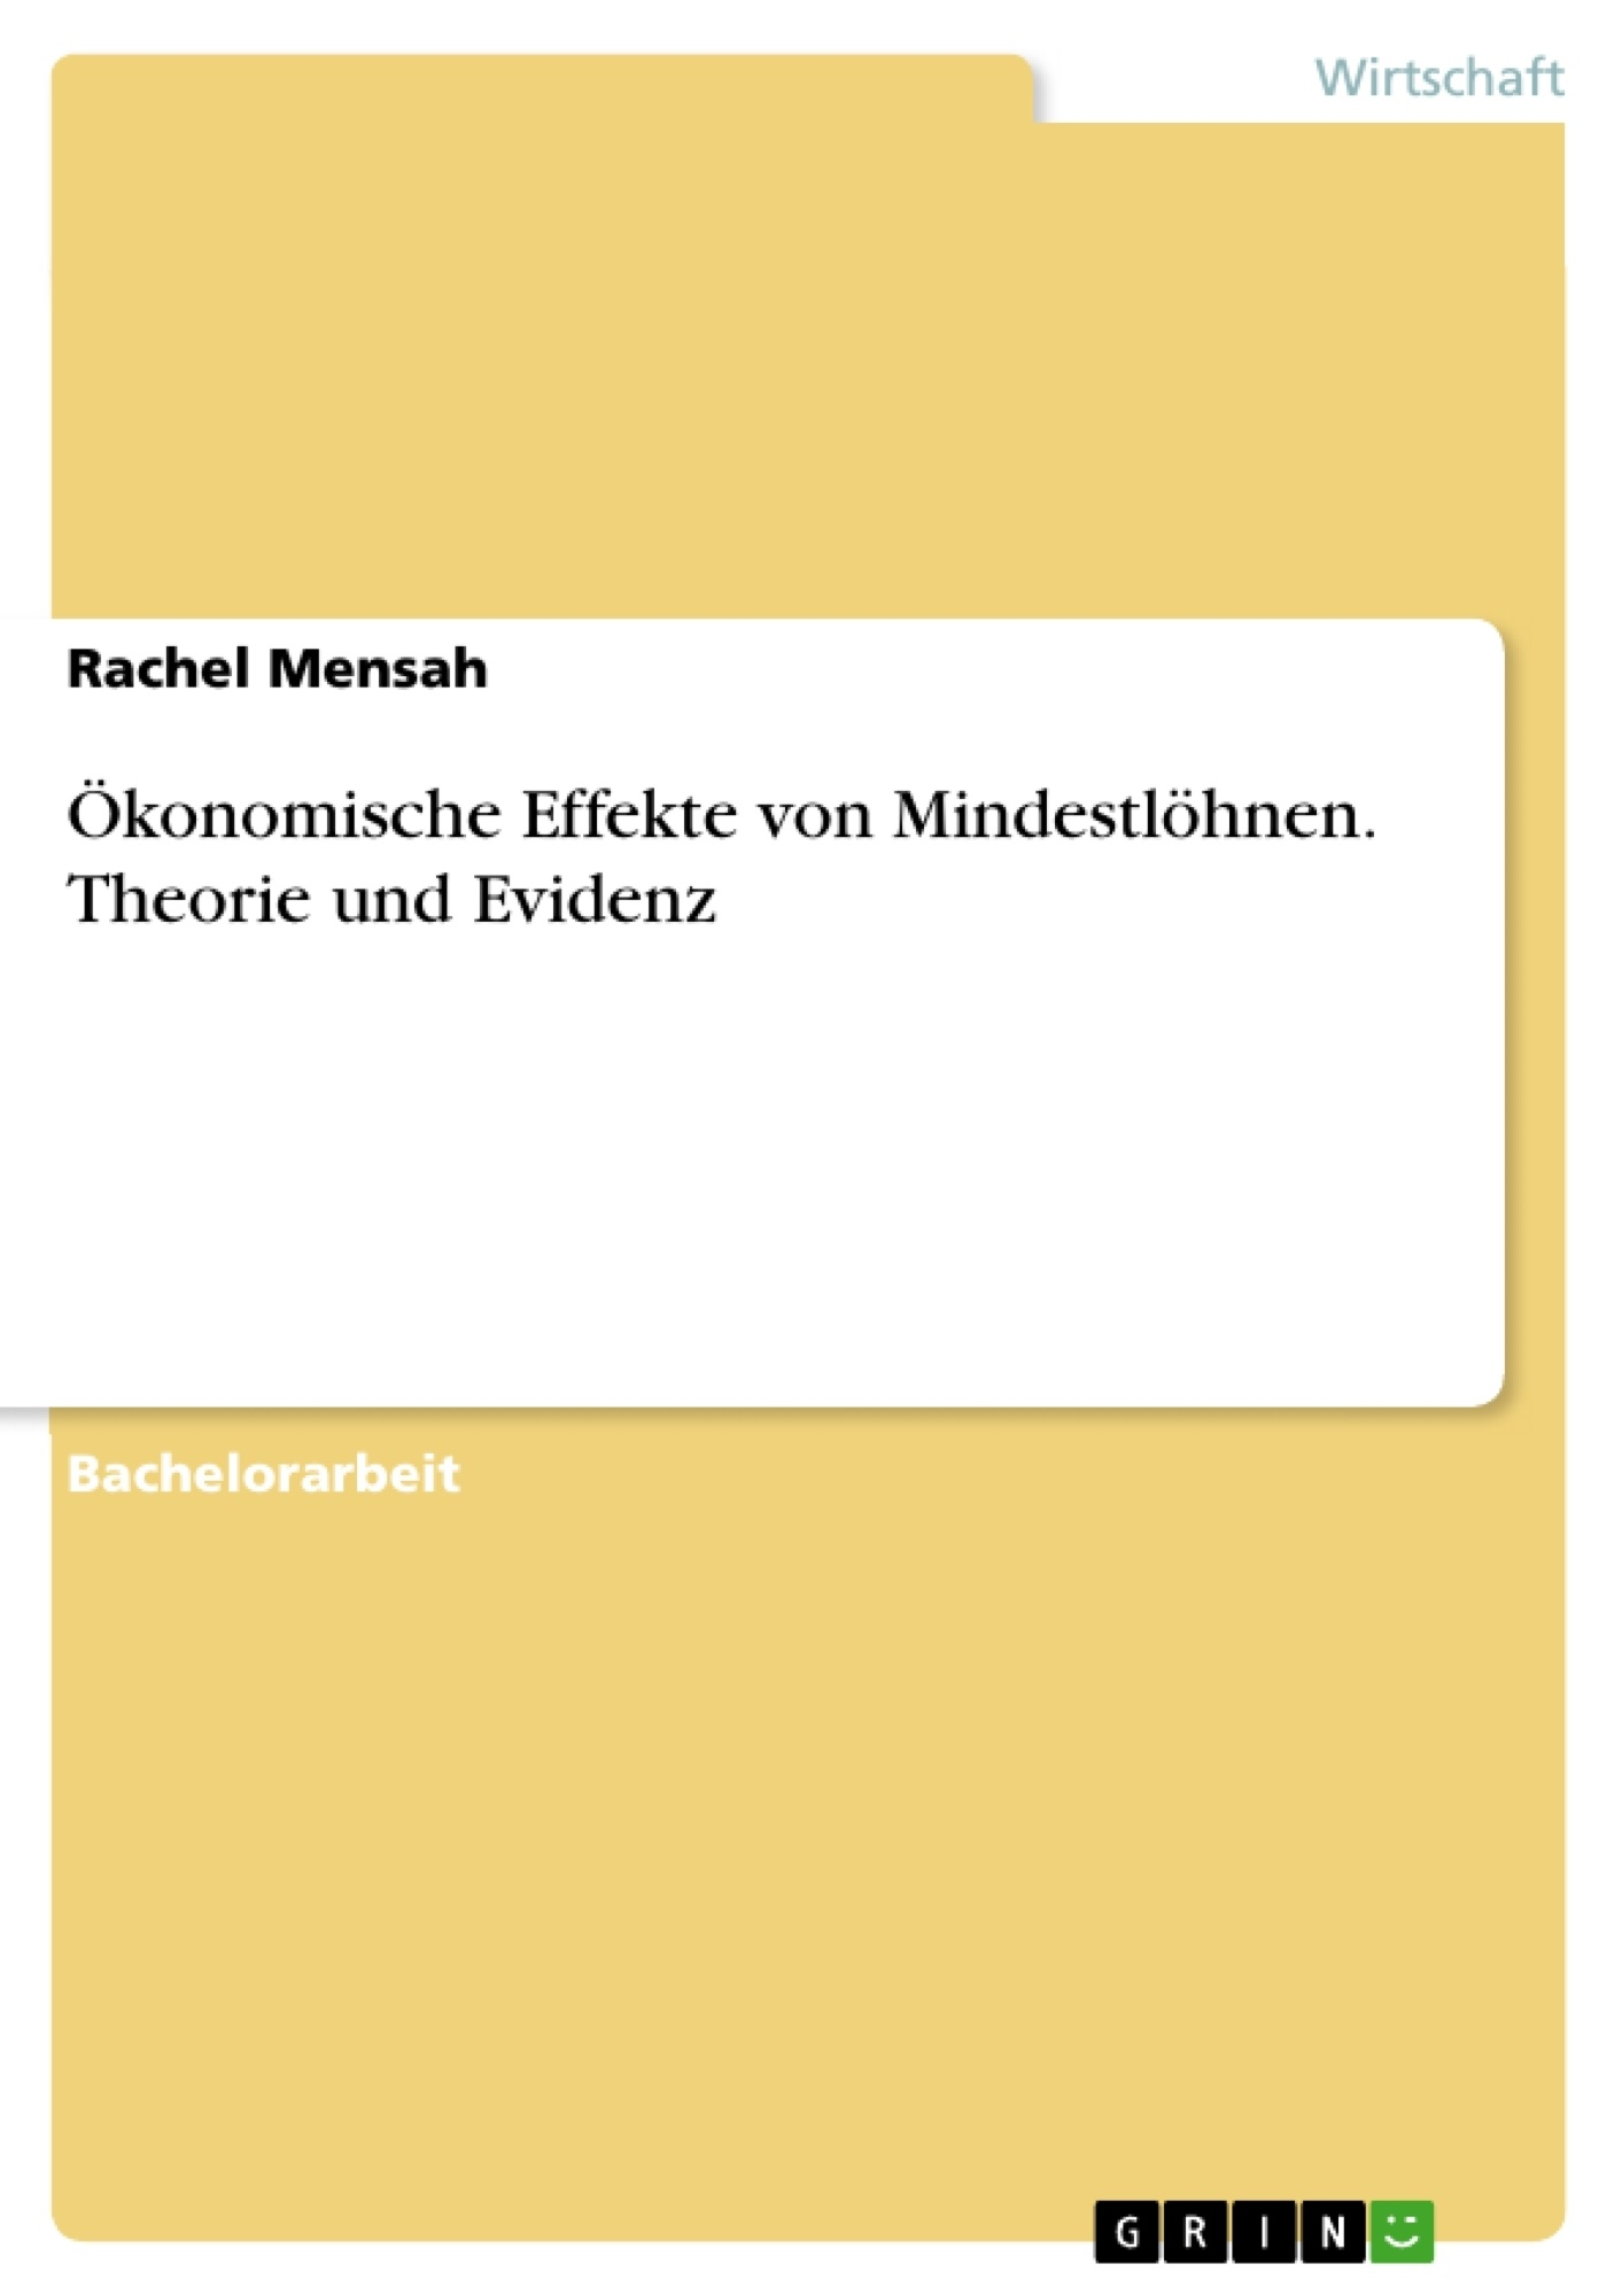 Titel: Ökonomische Effekte von Mindestlöhnen. Theorie und Evidenz